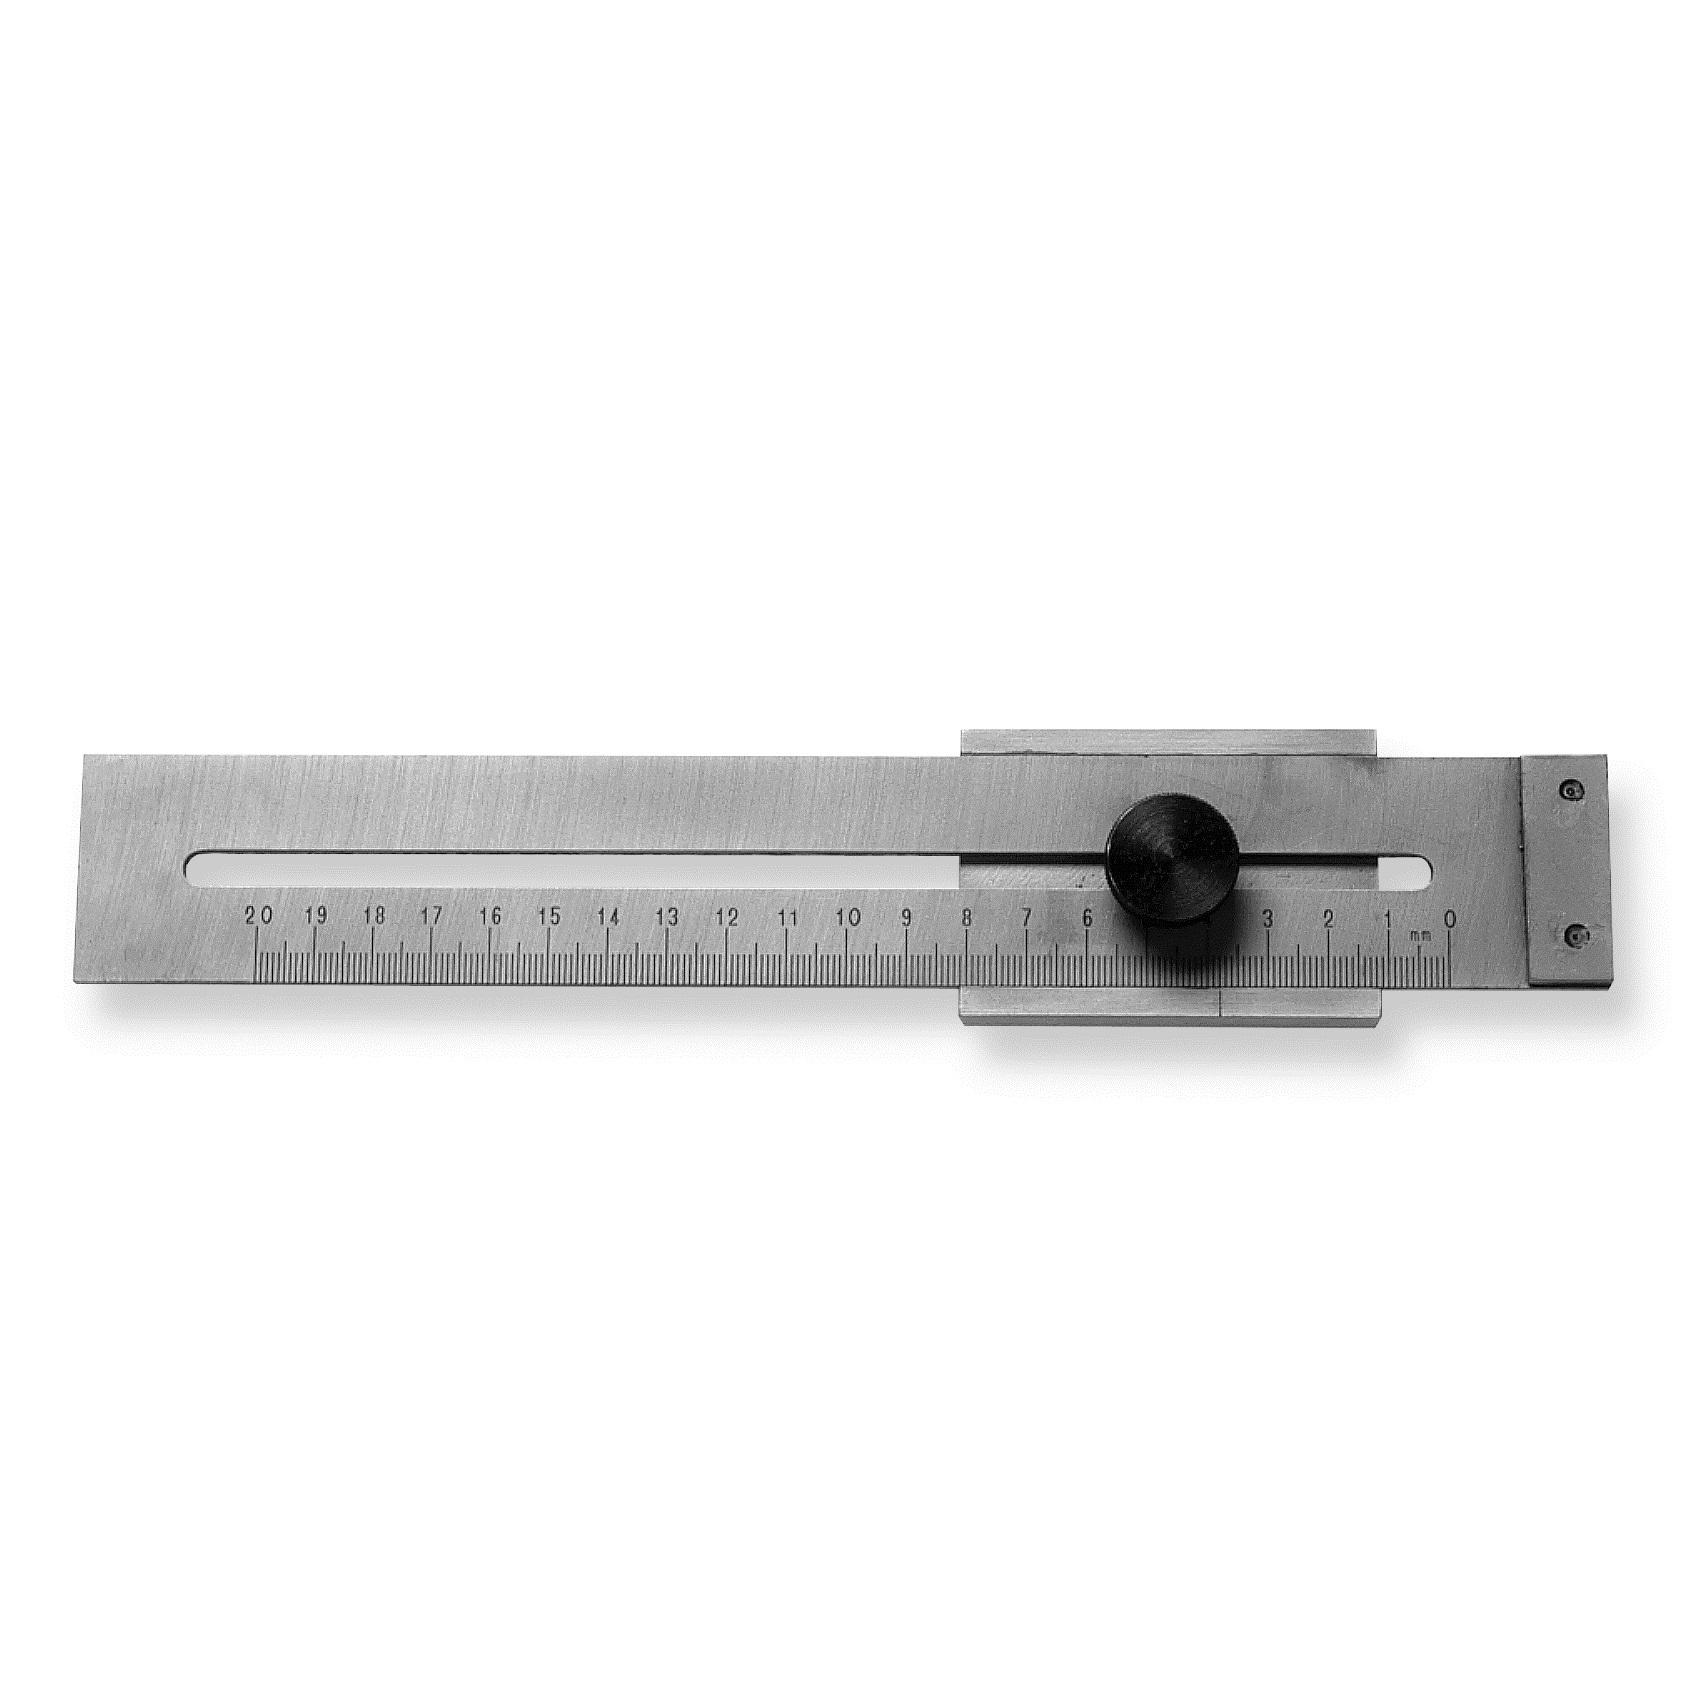 scala streichmaß streichmaße lineal 200 mm oder 300 mm | ebay